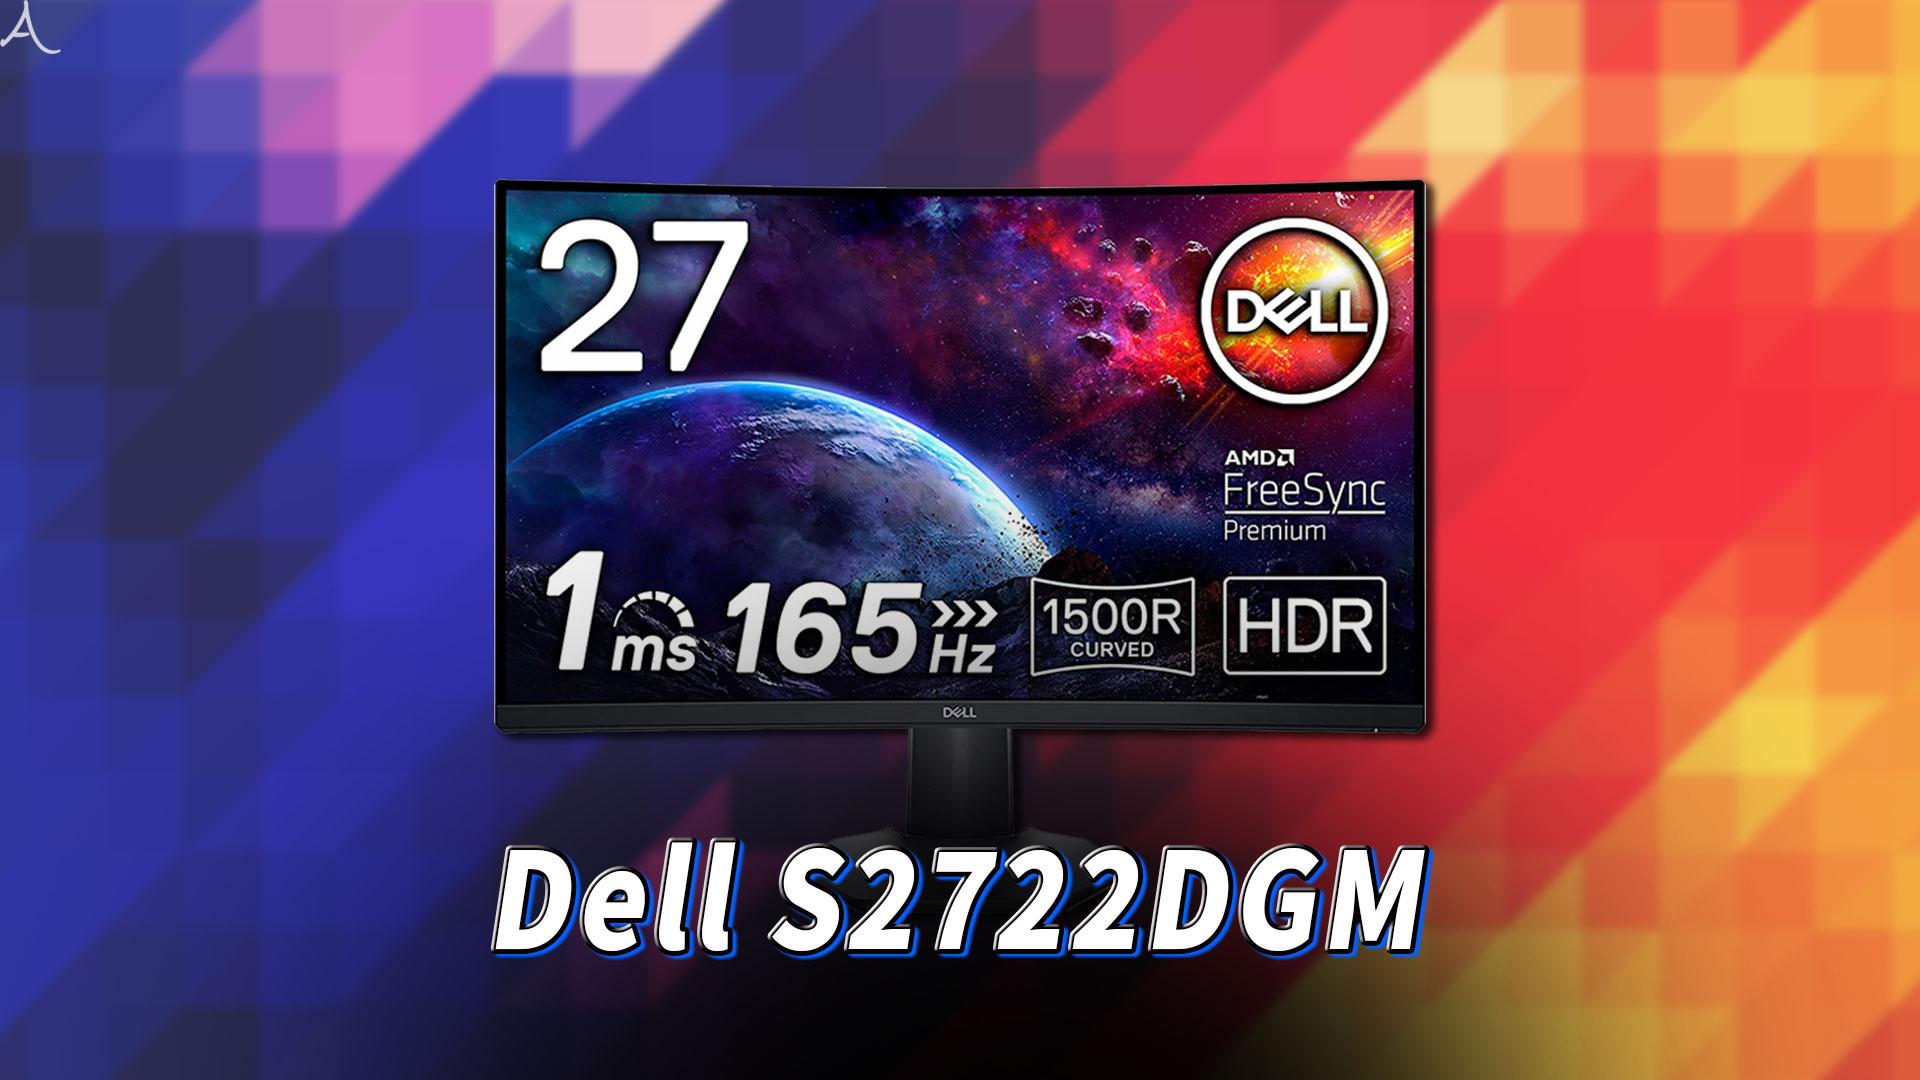 「Dell S2722DGM」はスピーカーに対応してる?おすすめのPCスピーカーはどれ?